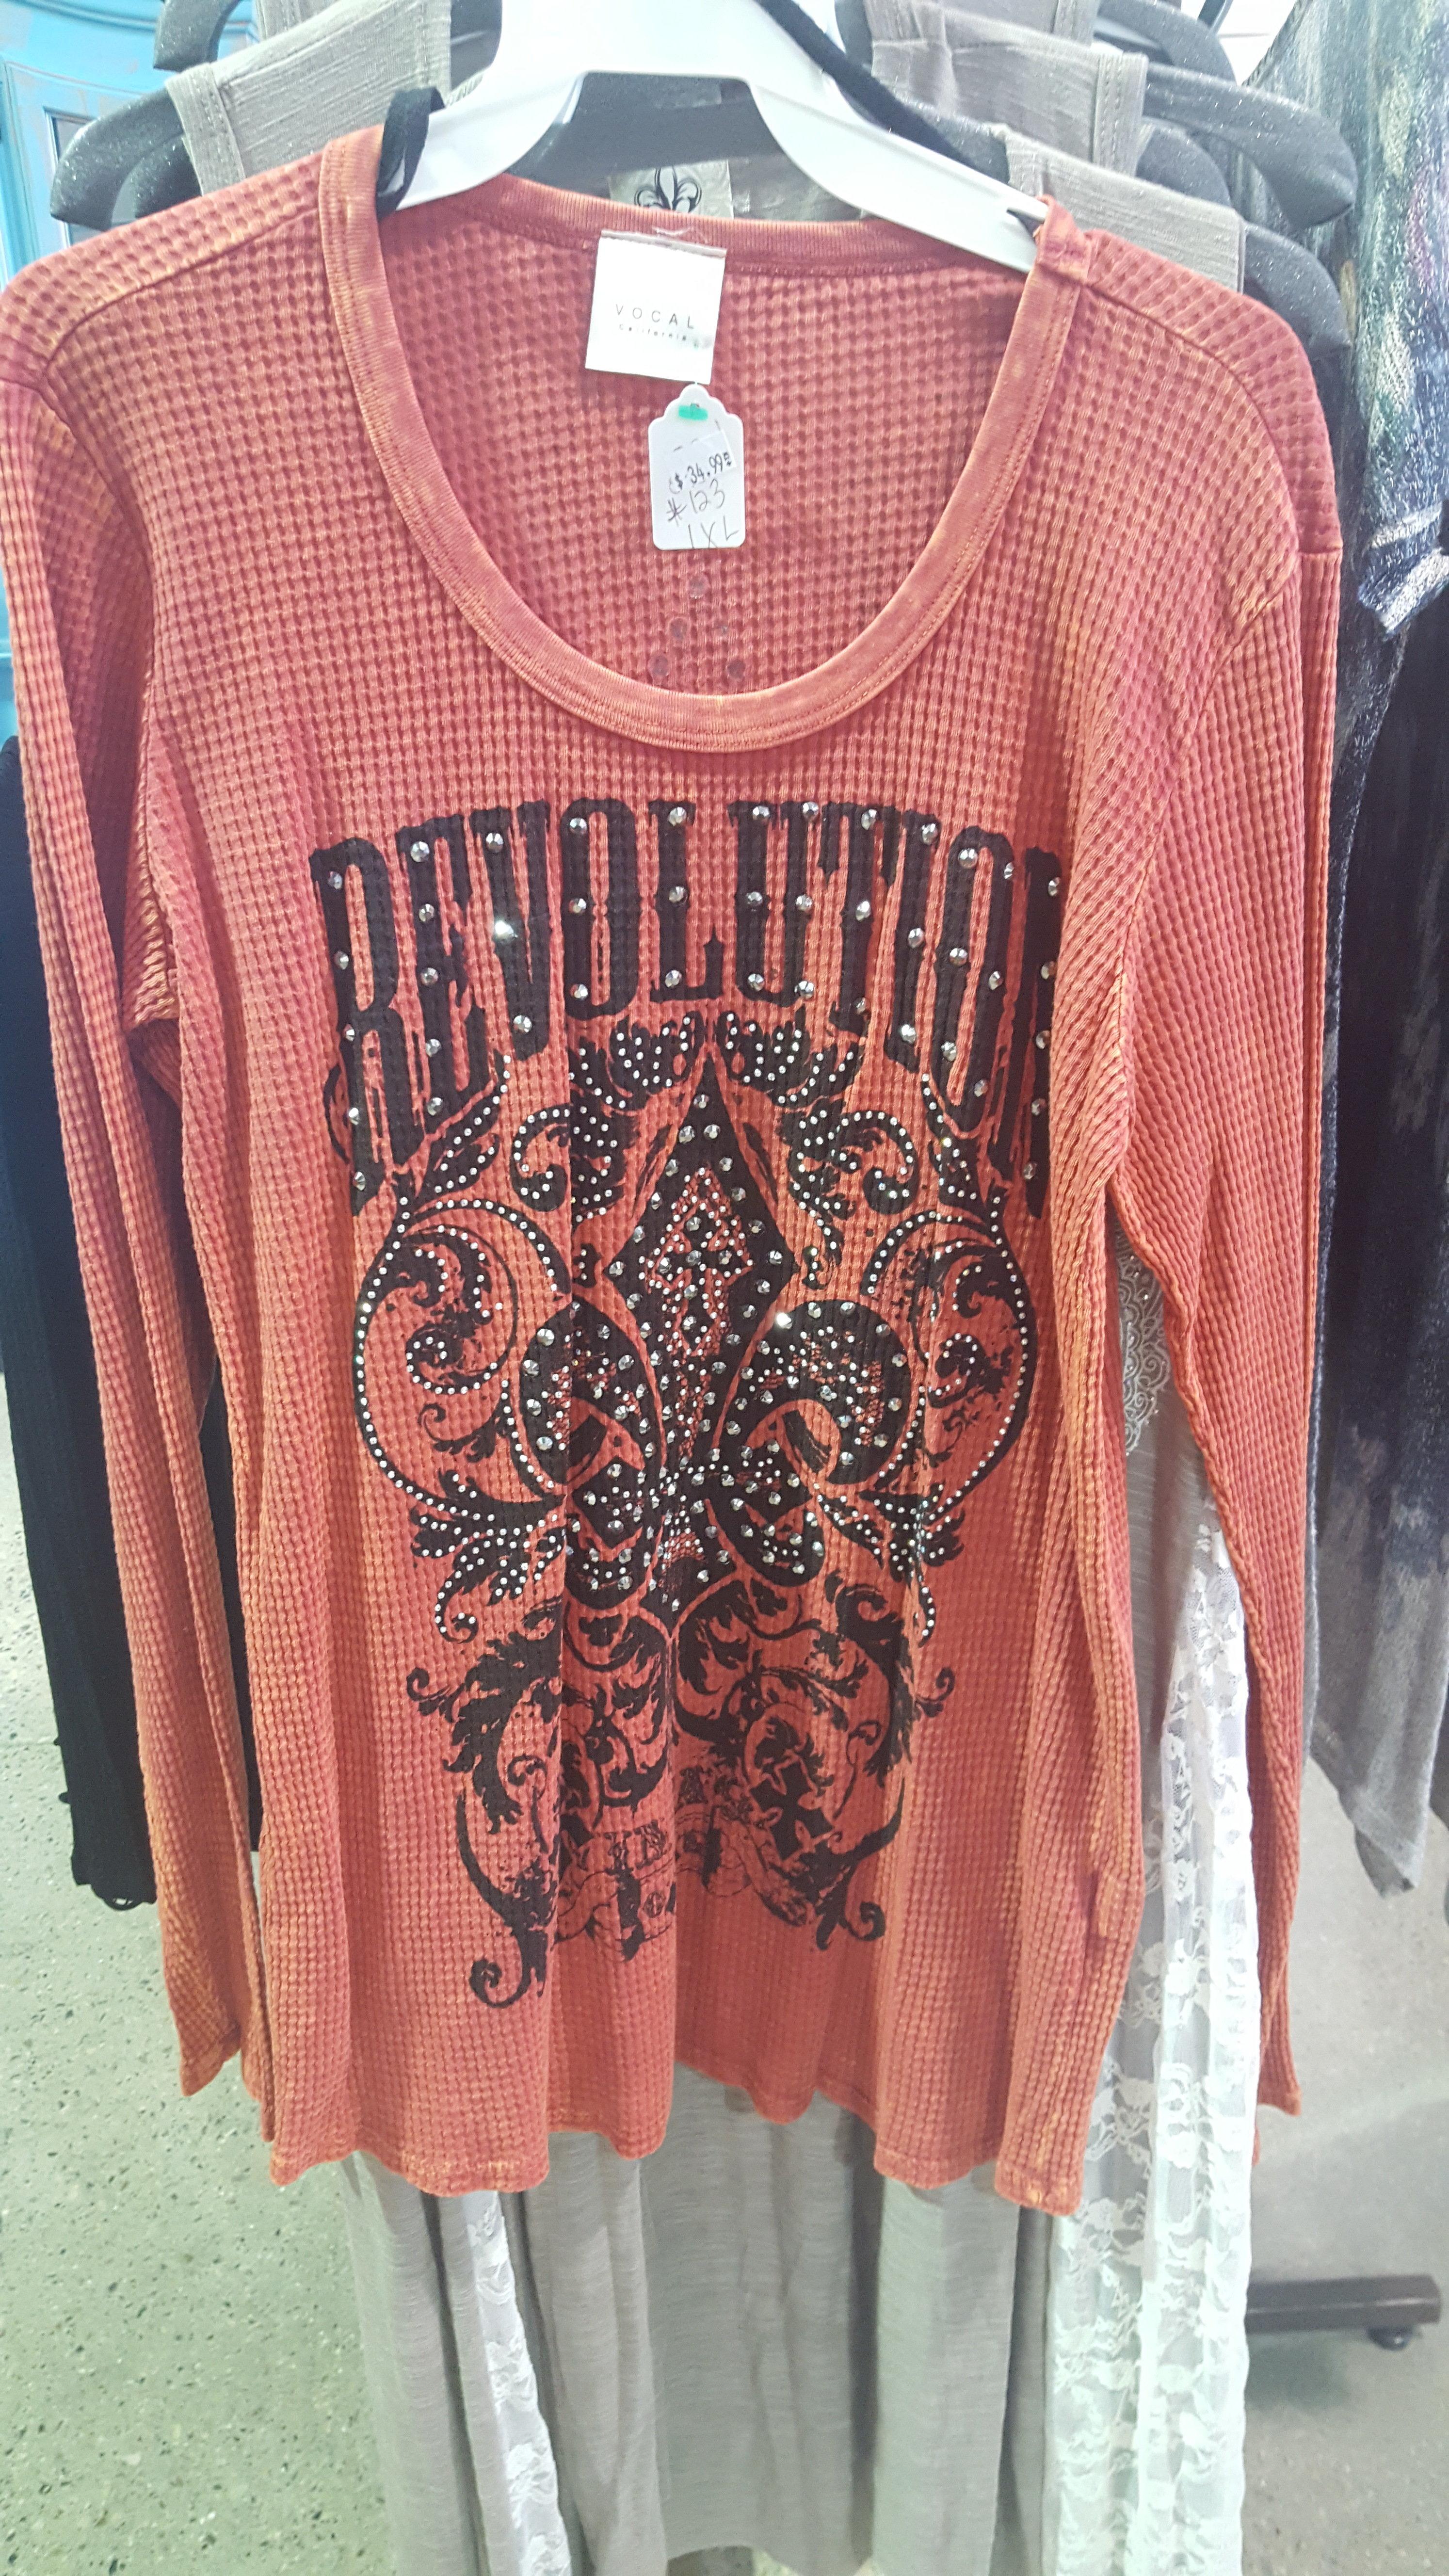 Vocal Orange Revolution Shirt 7WQ6JPVR678CJ